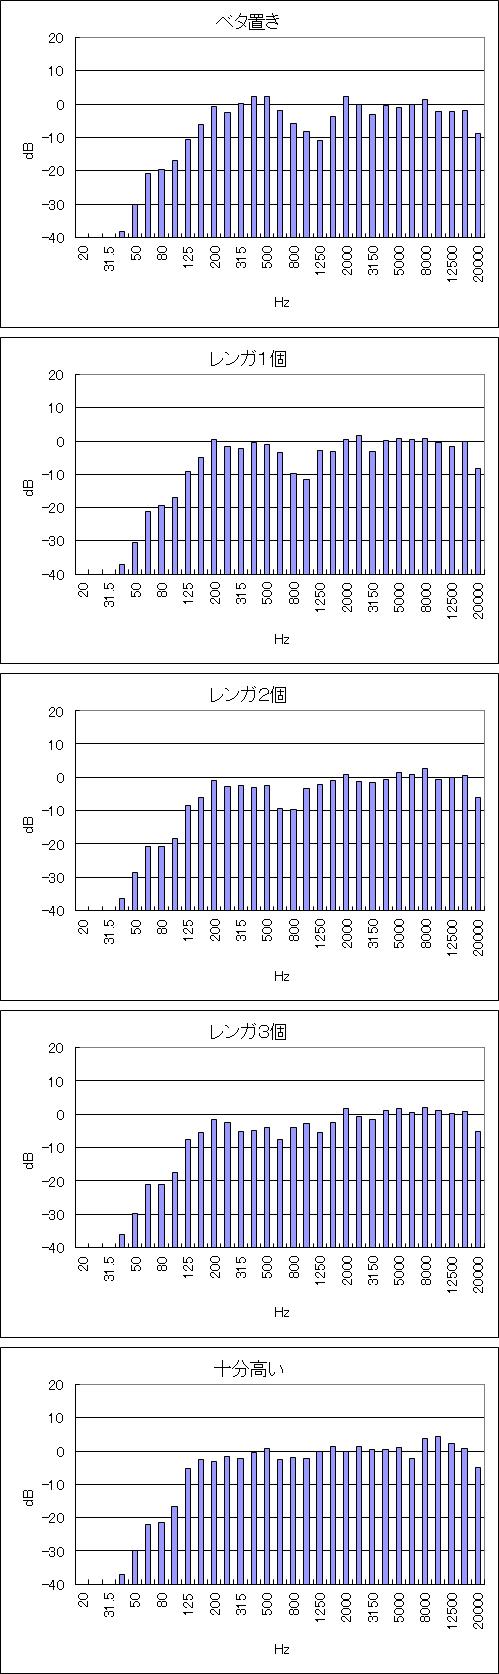 デスクトップスピーカーの台の高さと出力音圧特性の関係を調べたグラフ